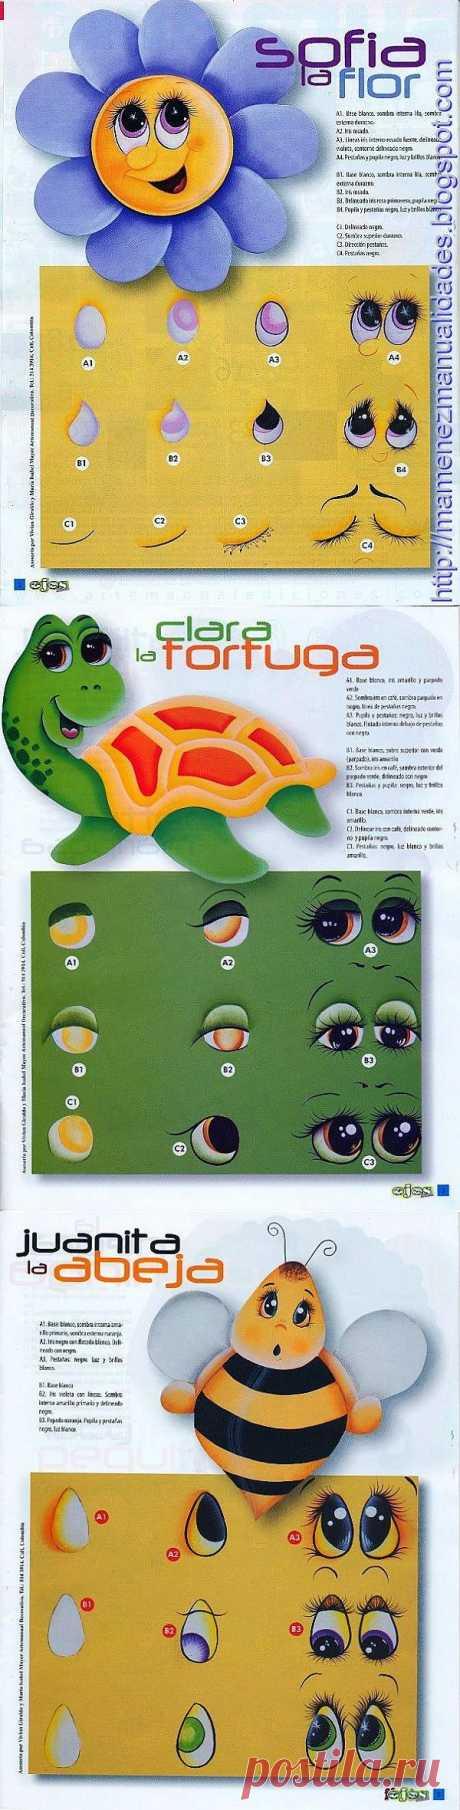 Подробные фото, как нарисовать глазки и лица куклам и зверюшкам - Ярмарка Мастеров - ручная работа, handmade